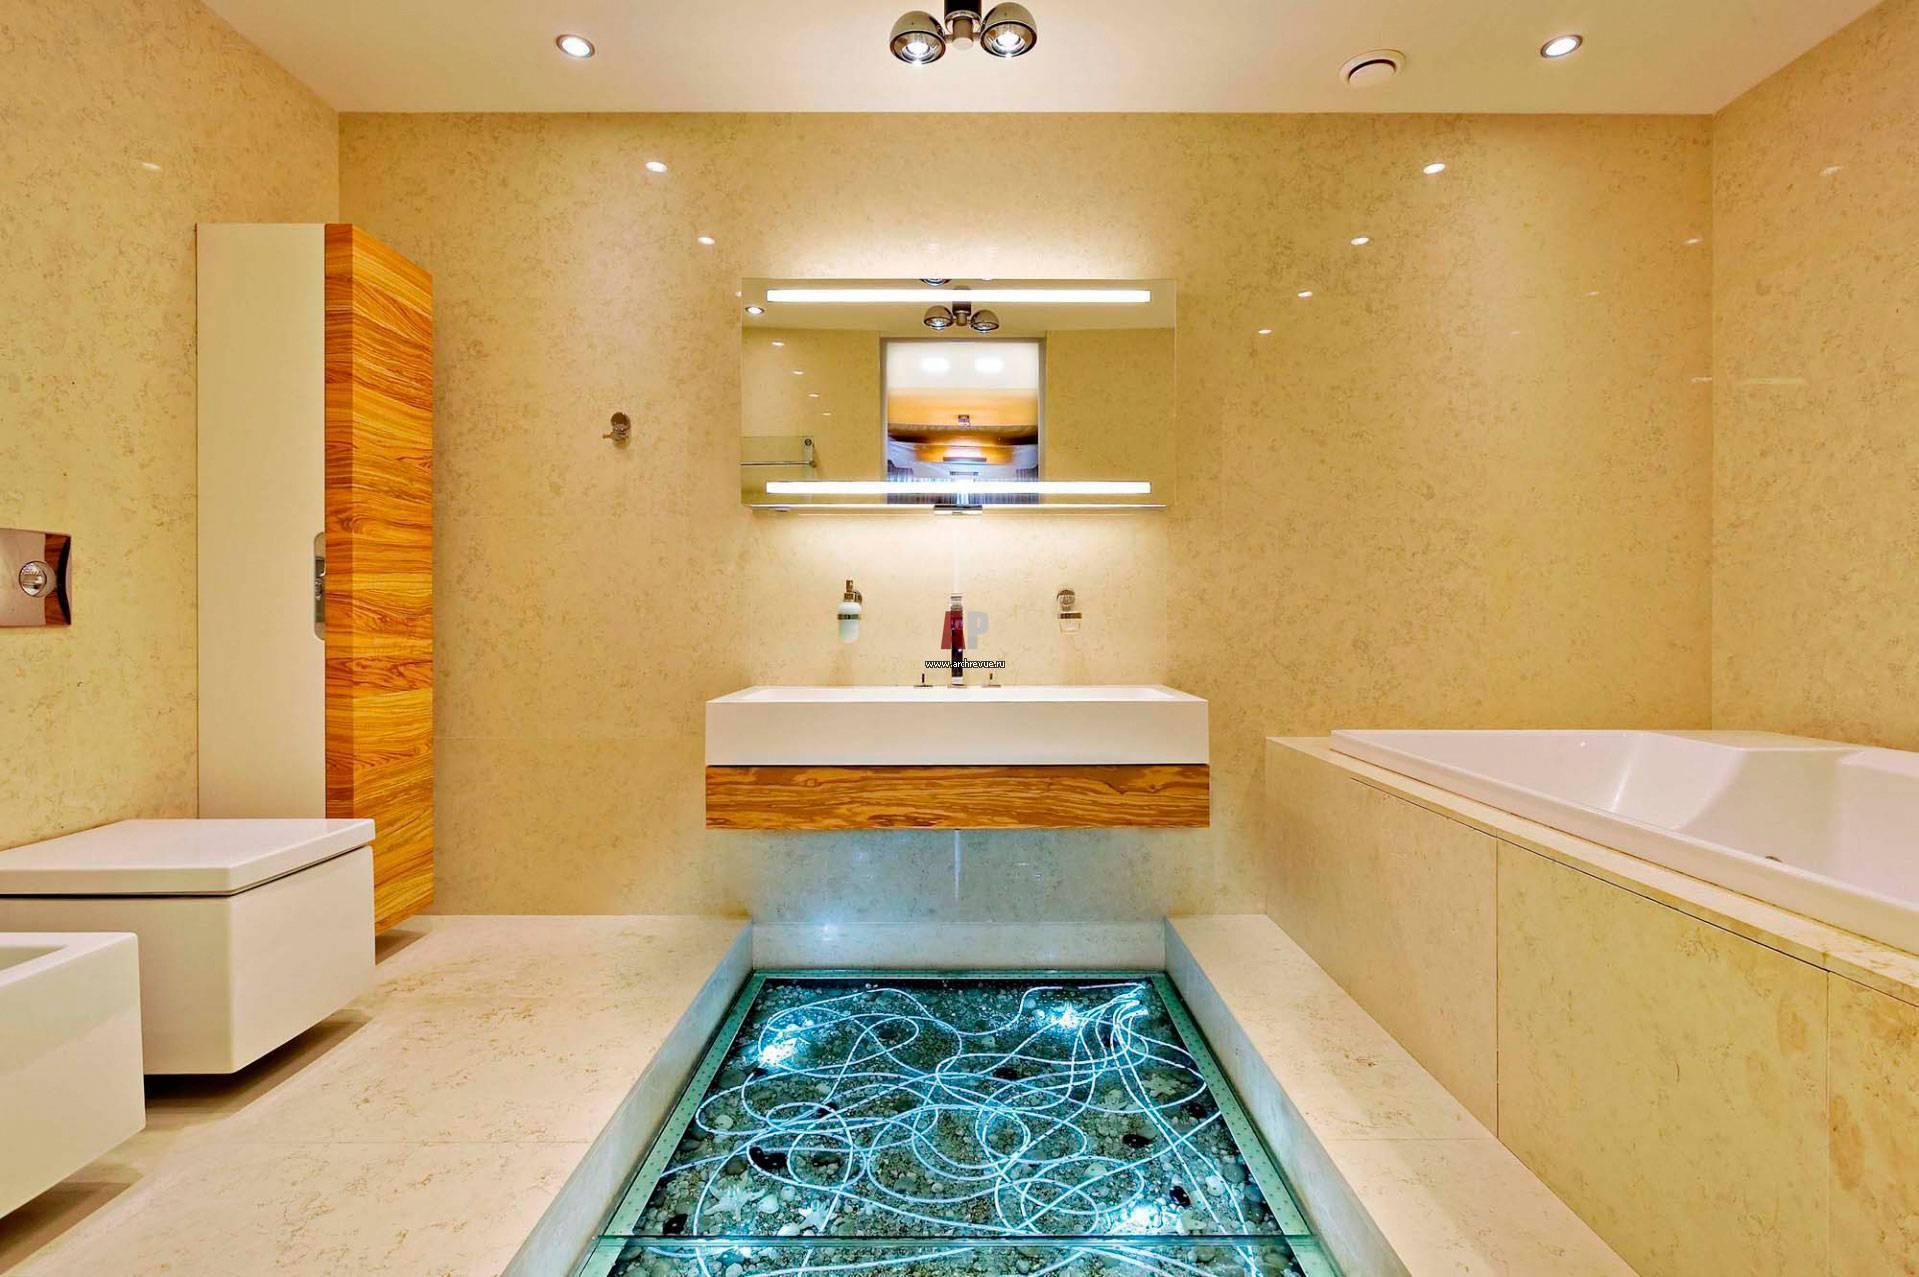 Дизайн ванной комнаты - фото идеи | 100 вариантов фото